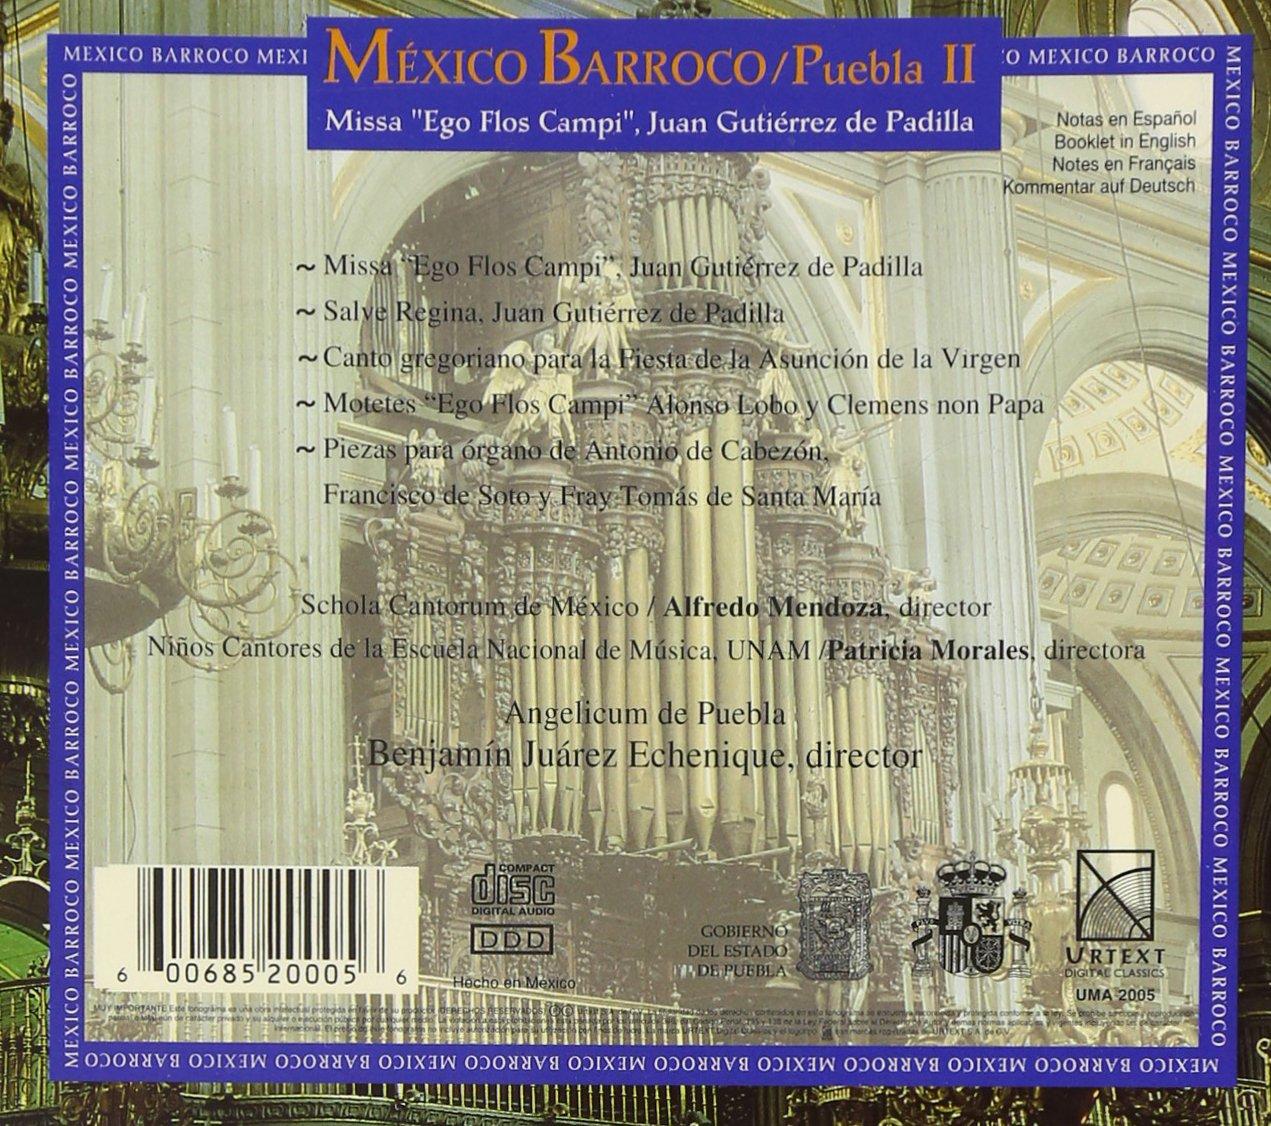 Baroque Mexico Puebla 2 by Urtext (Image #2)